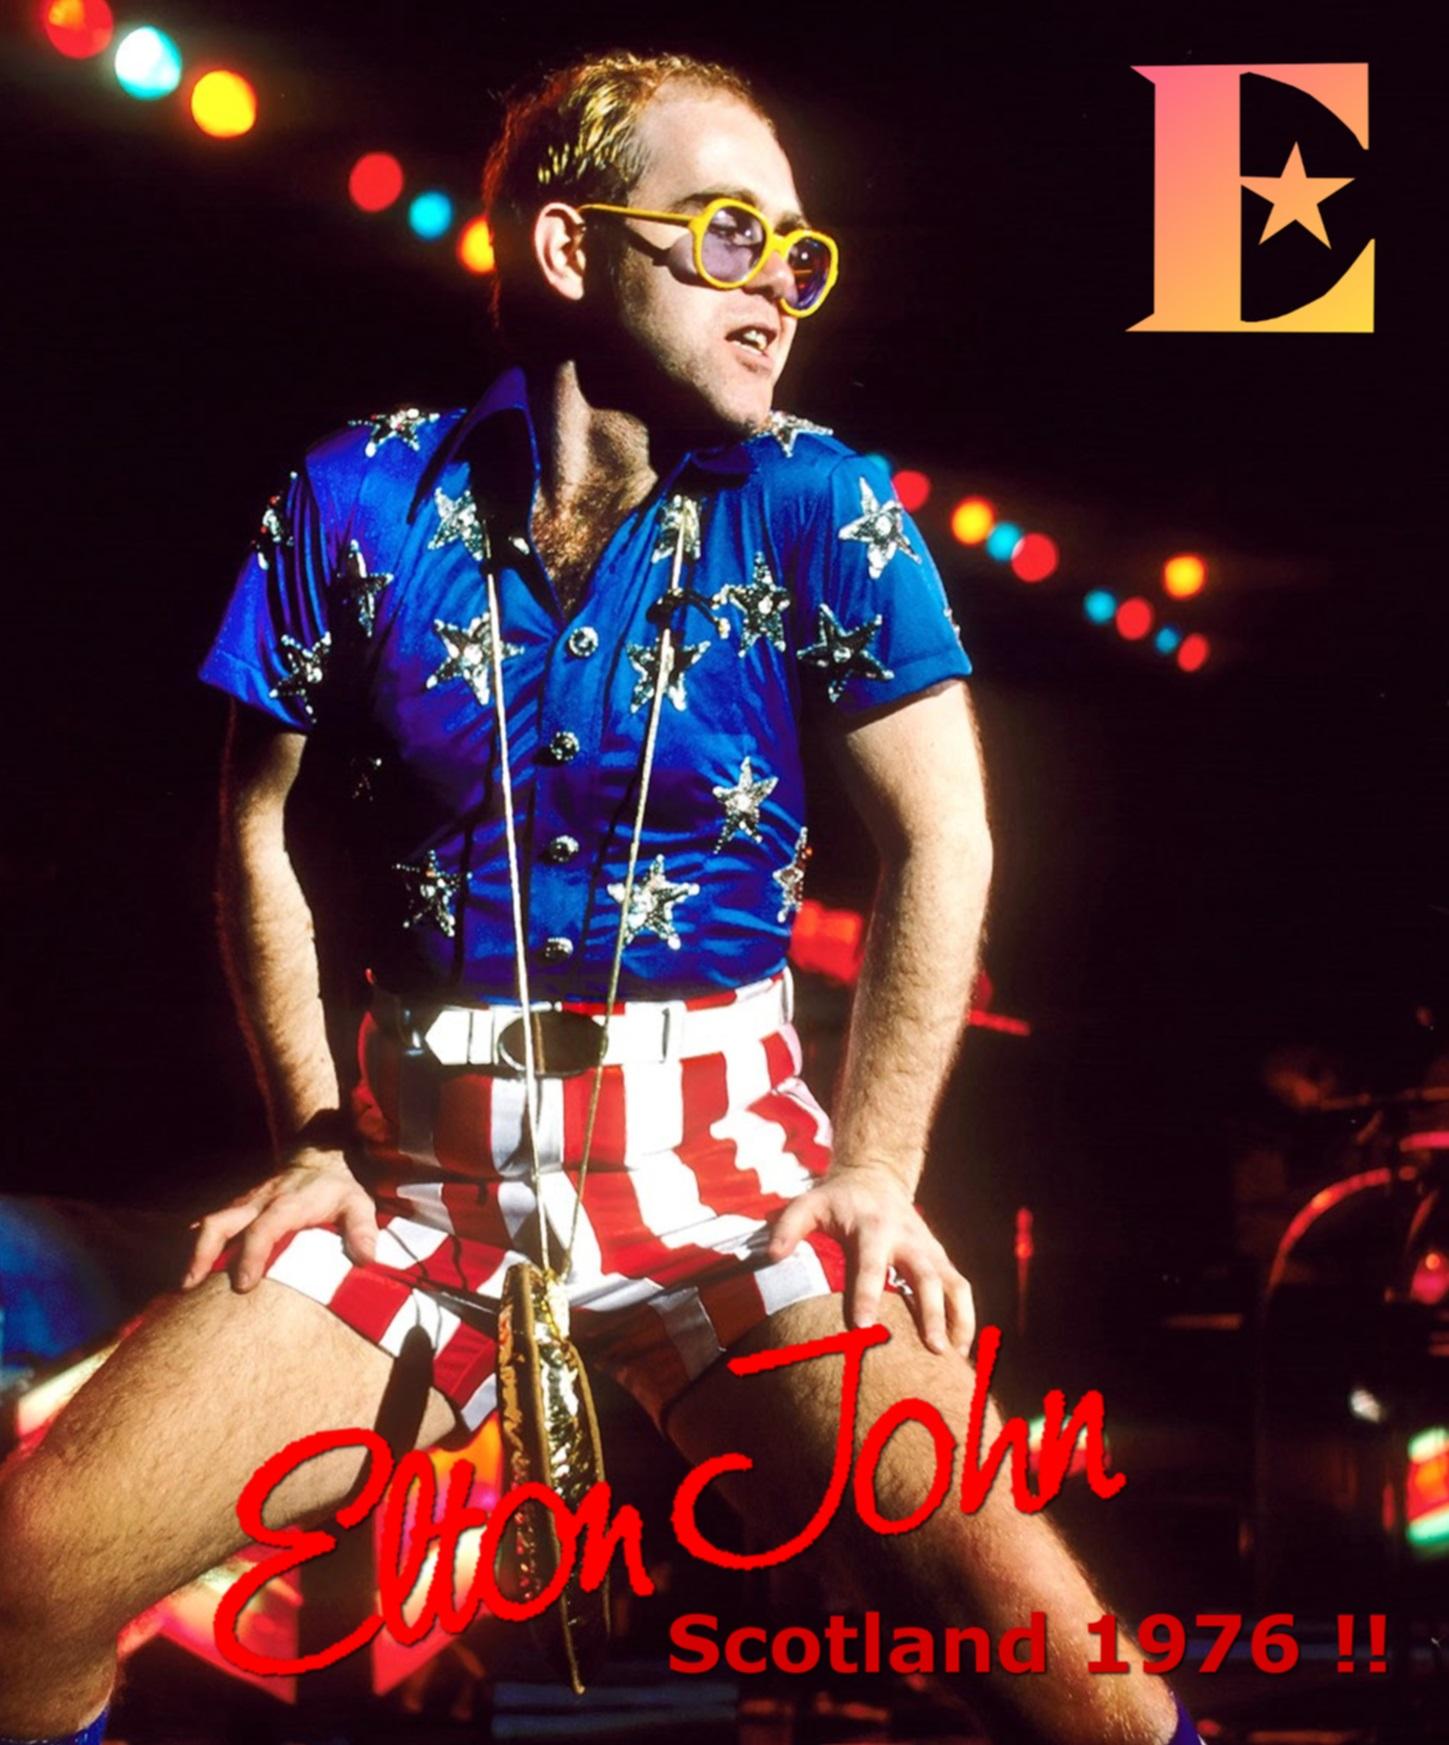 コレクターズBlu-ray - Elton John - European Tour 1976